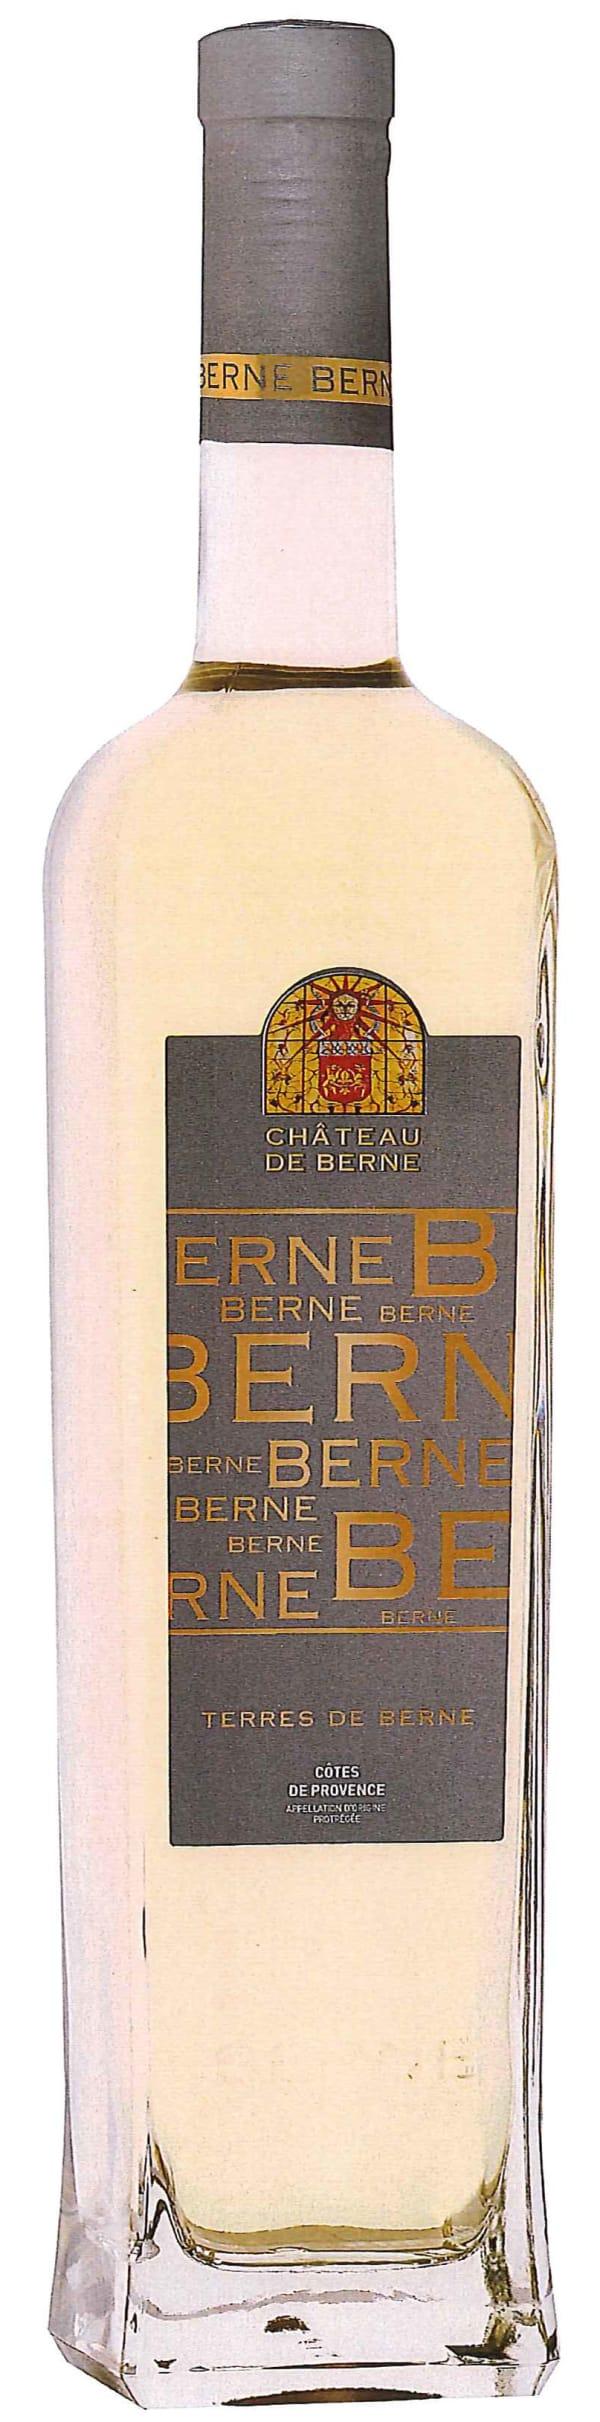 Terres de Berne Blanc 2015